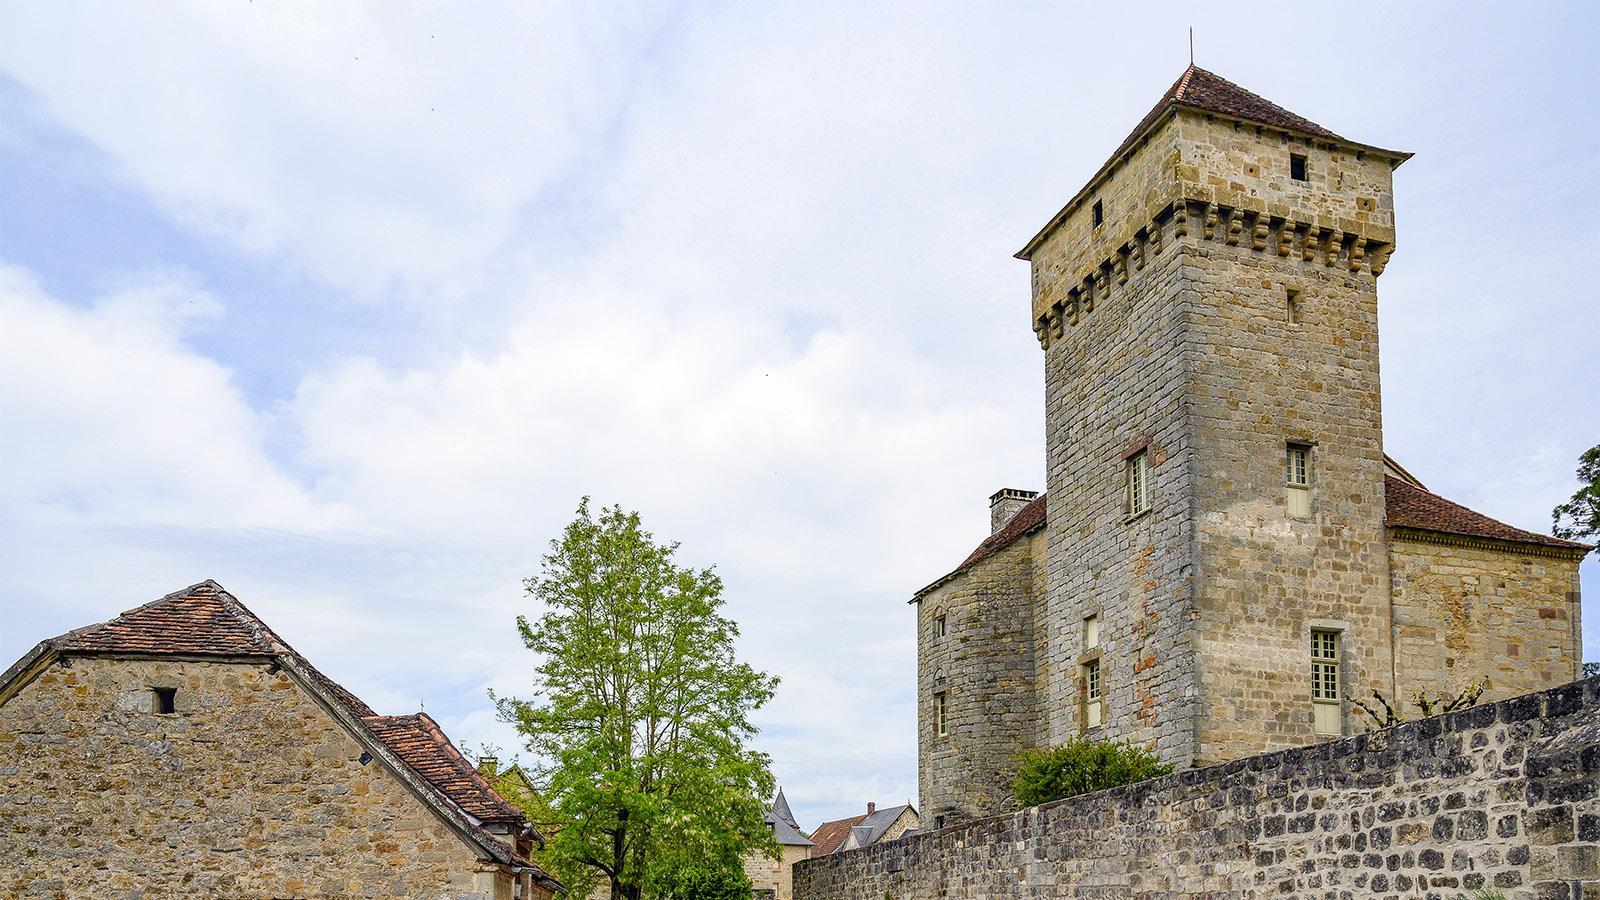 Château Saint-Hilaire. Foto: Hilke Maunder